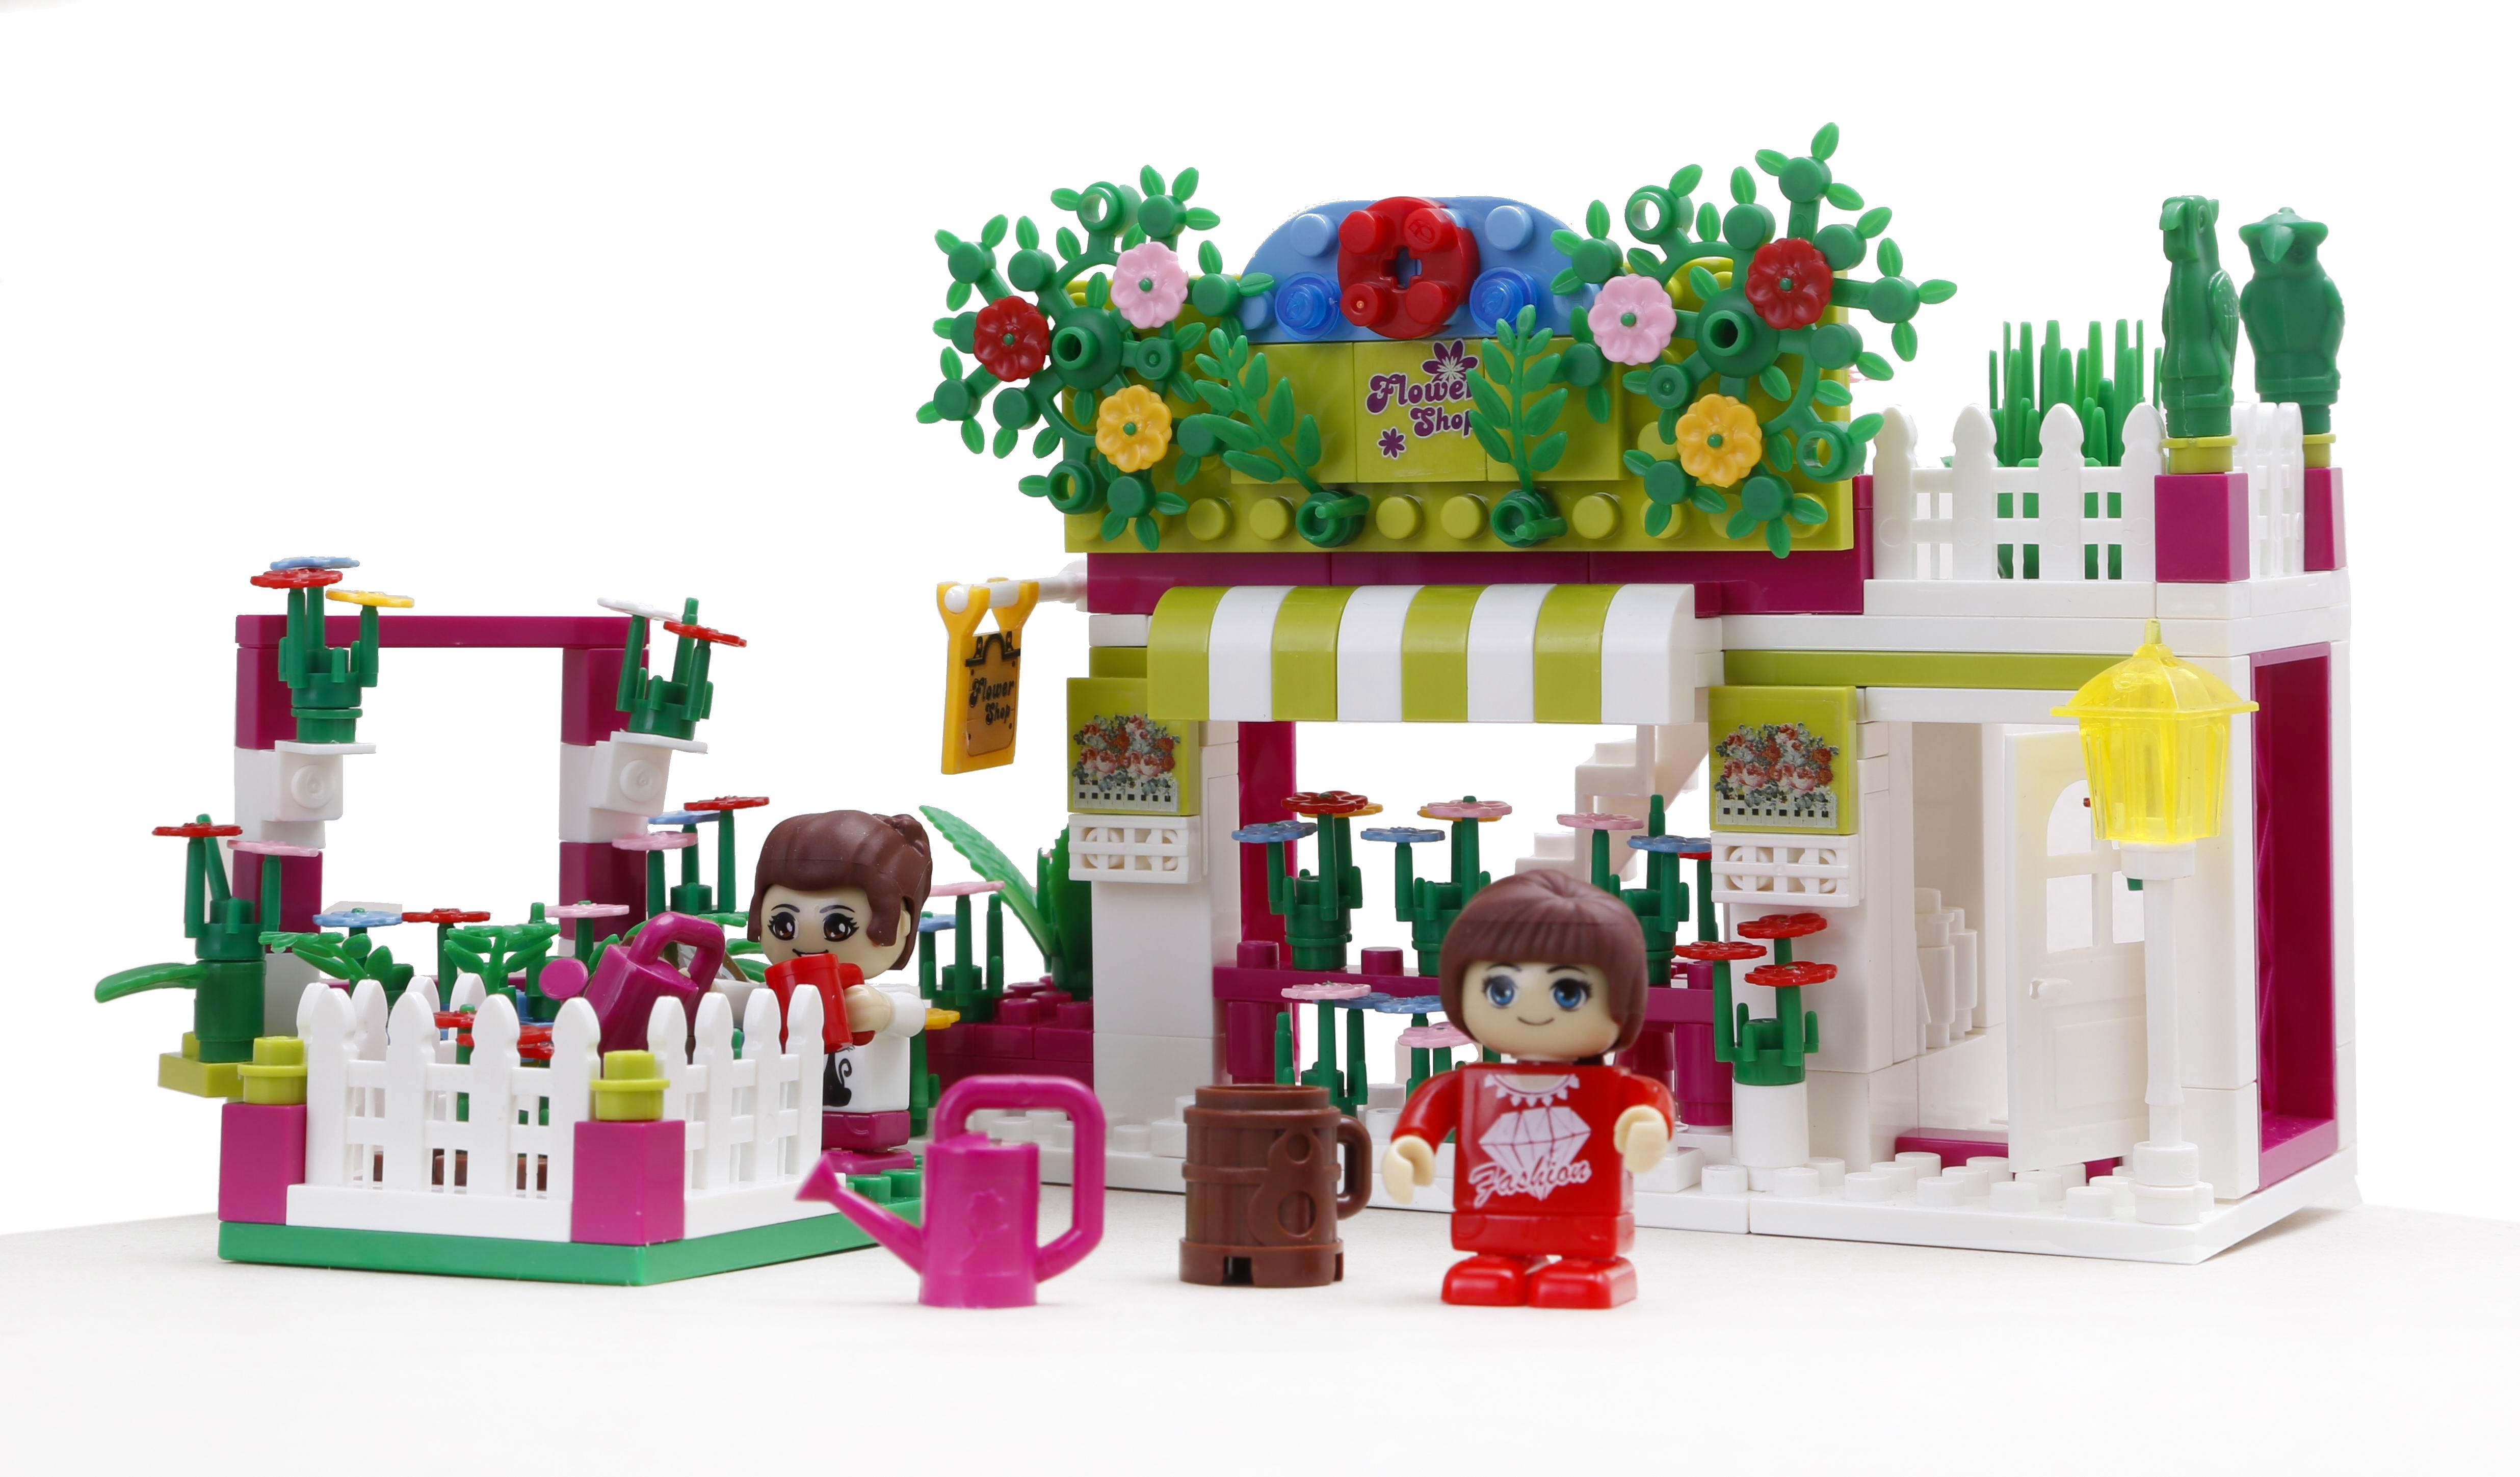 Конструктор Banbao Цветочный магазин конструктор banbao цветочный магазин 252 дет 6116